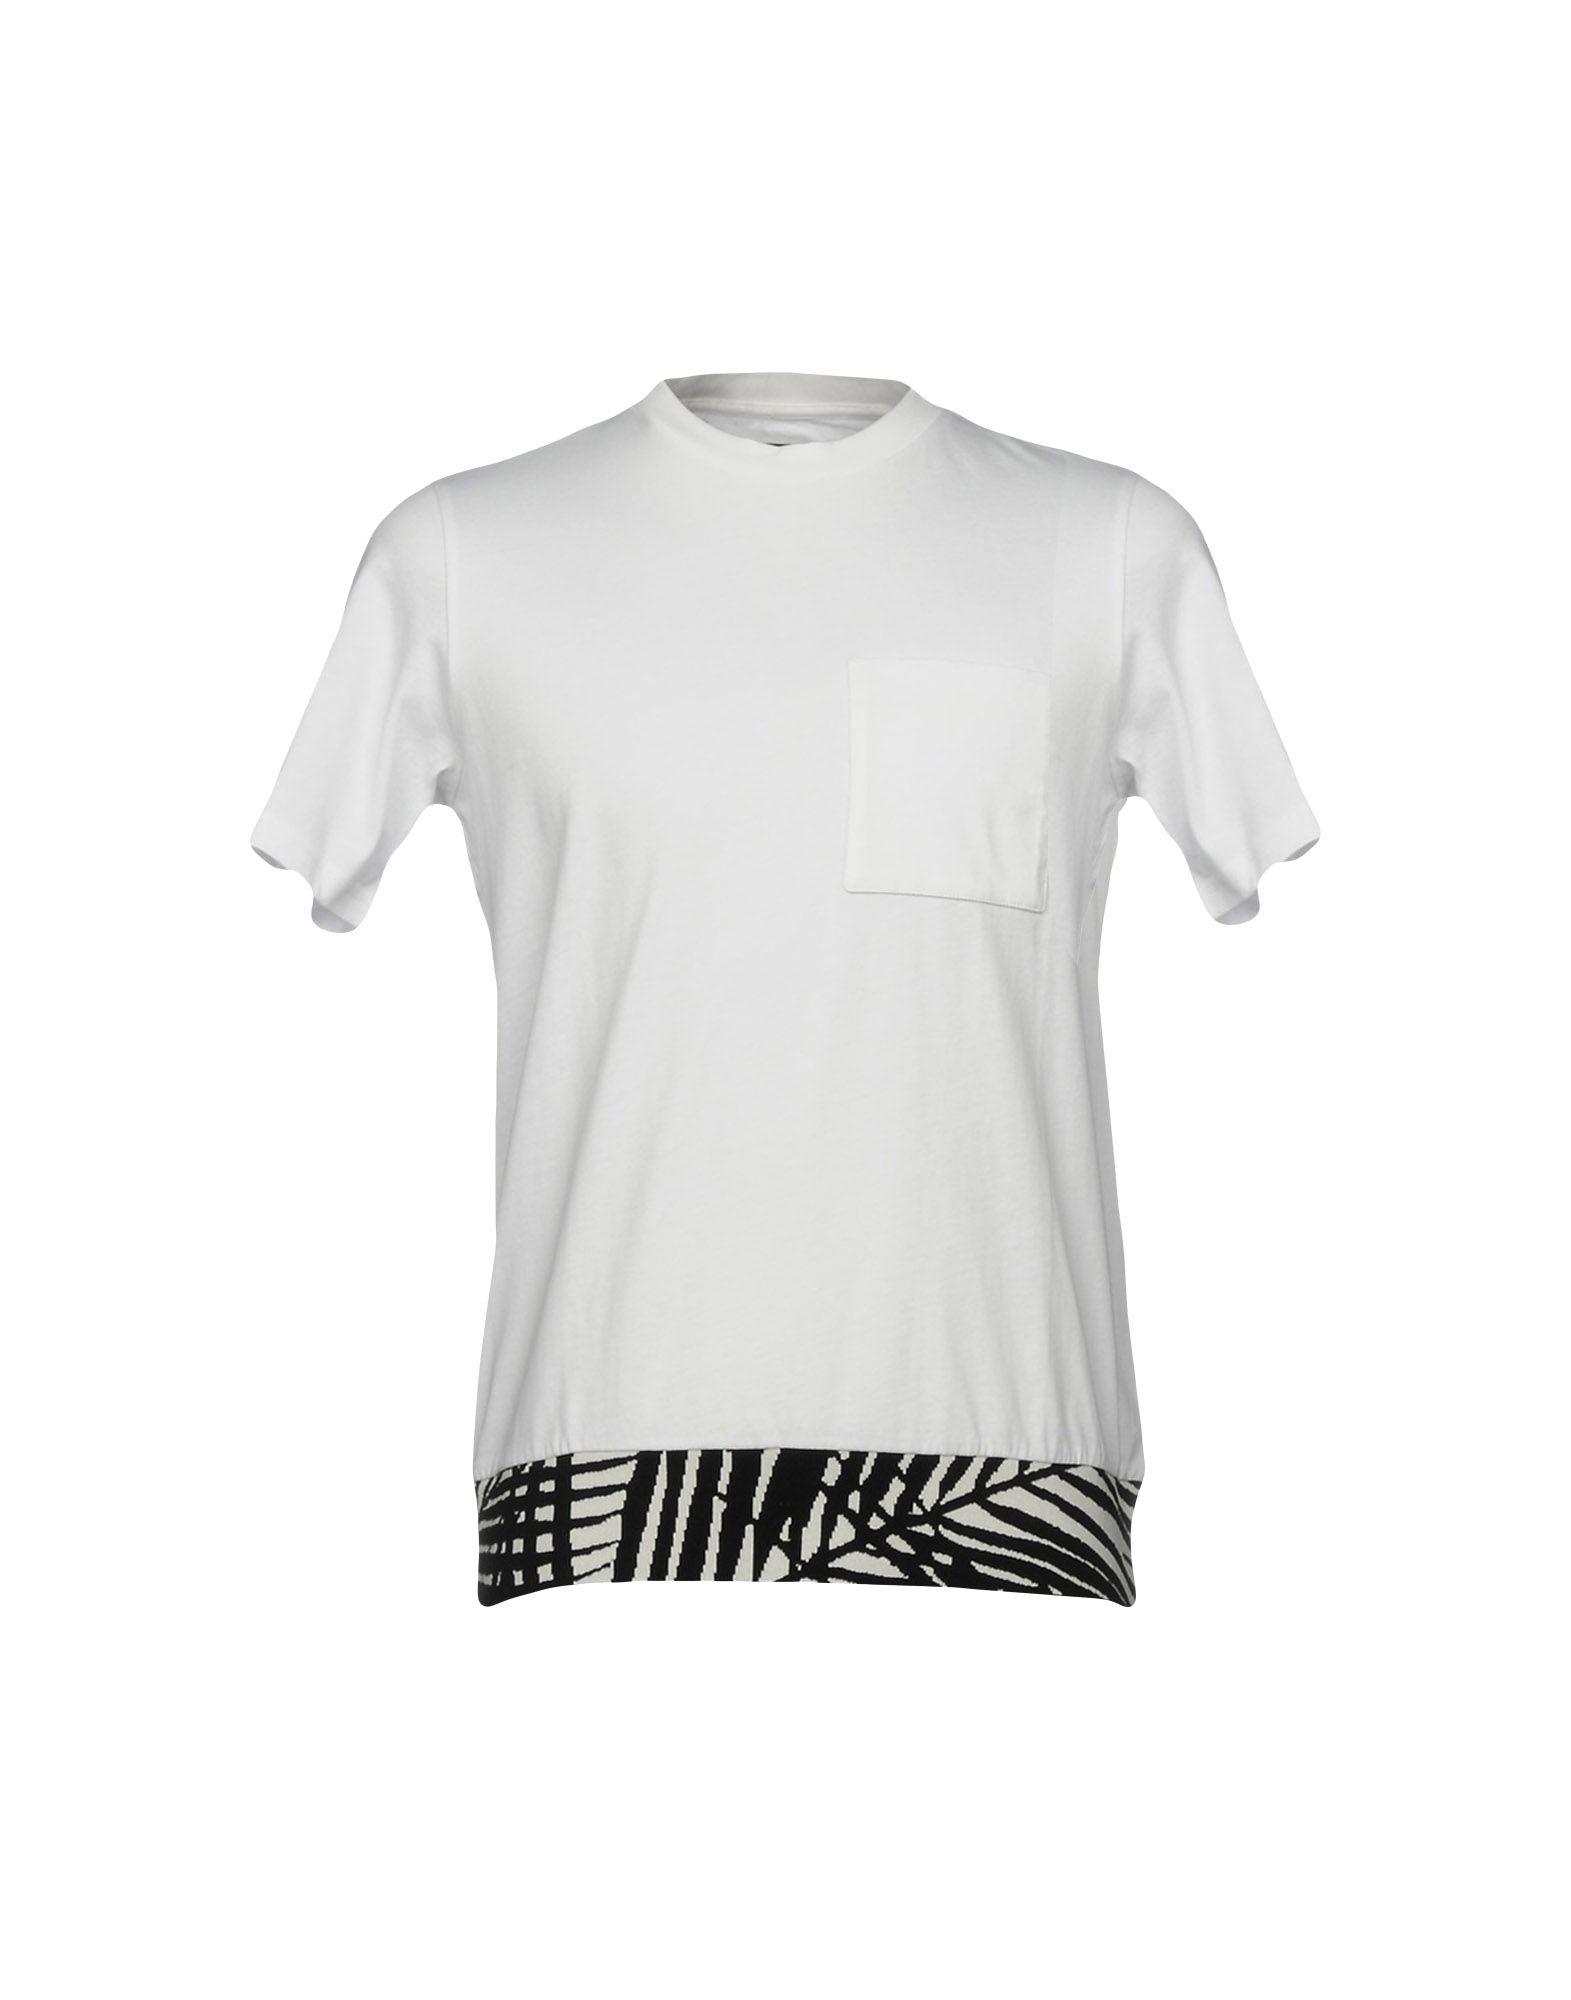 OAMC Herren T-shirts Farbe Elfenbein Größe 4 jetztbilligerkaufen